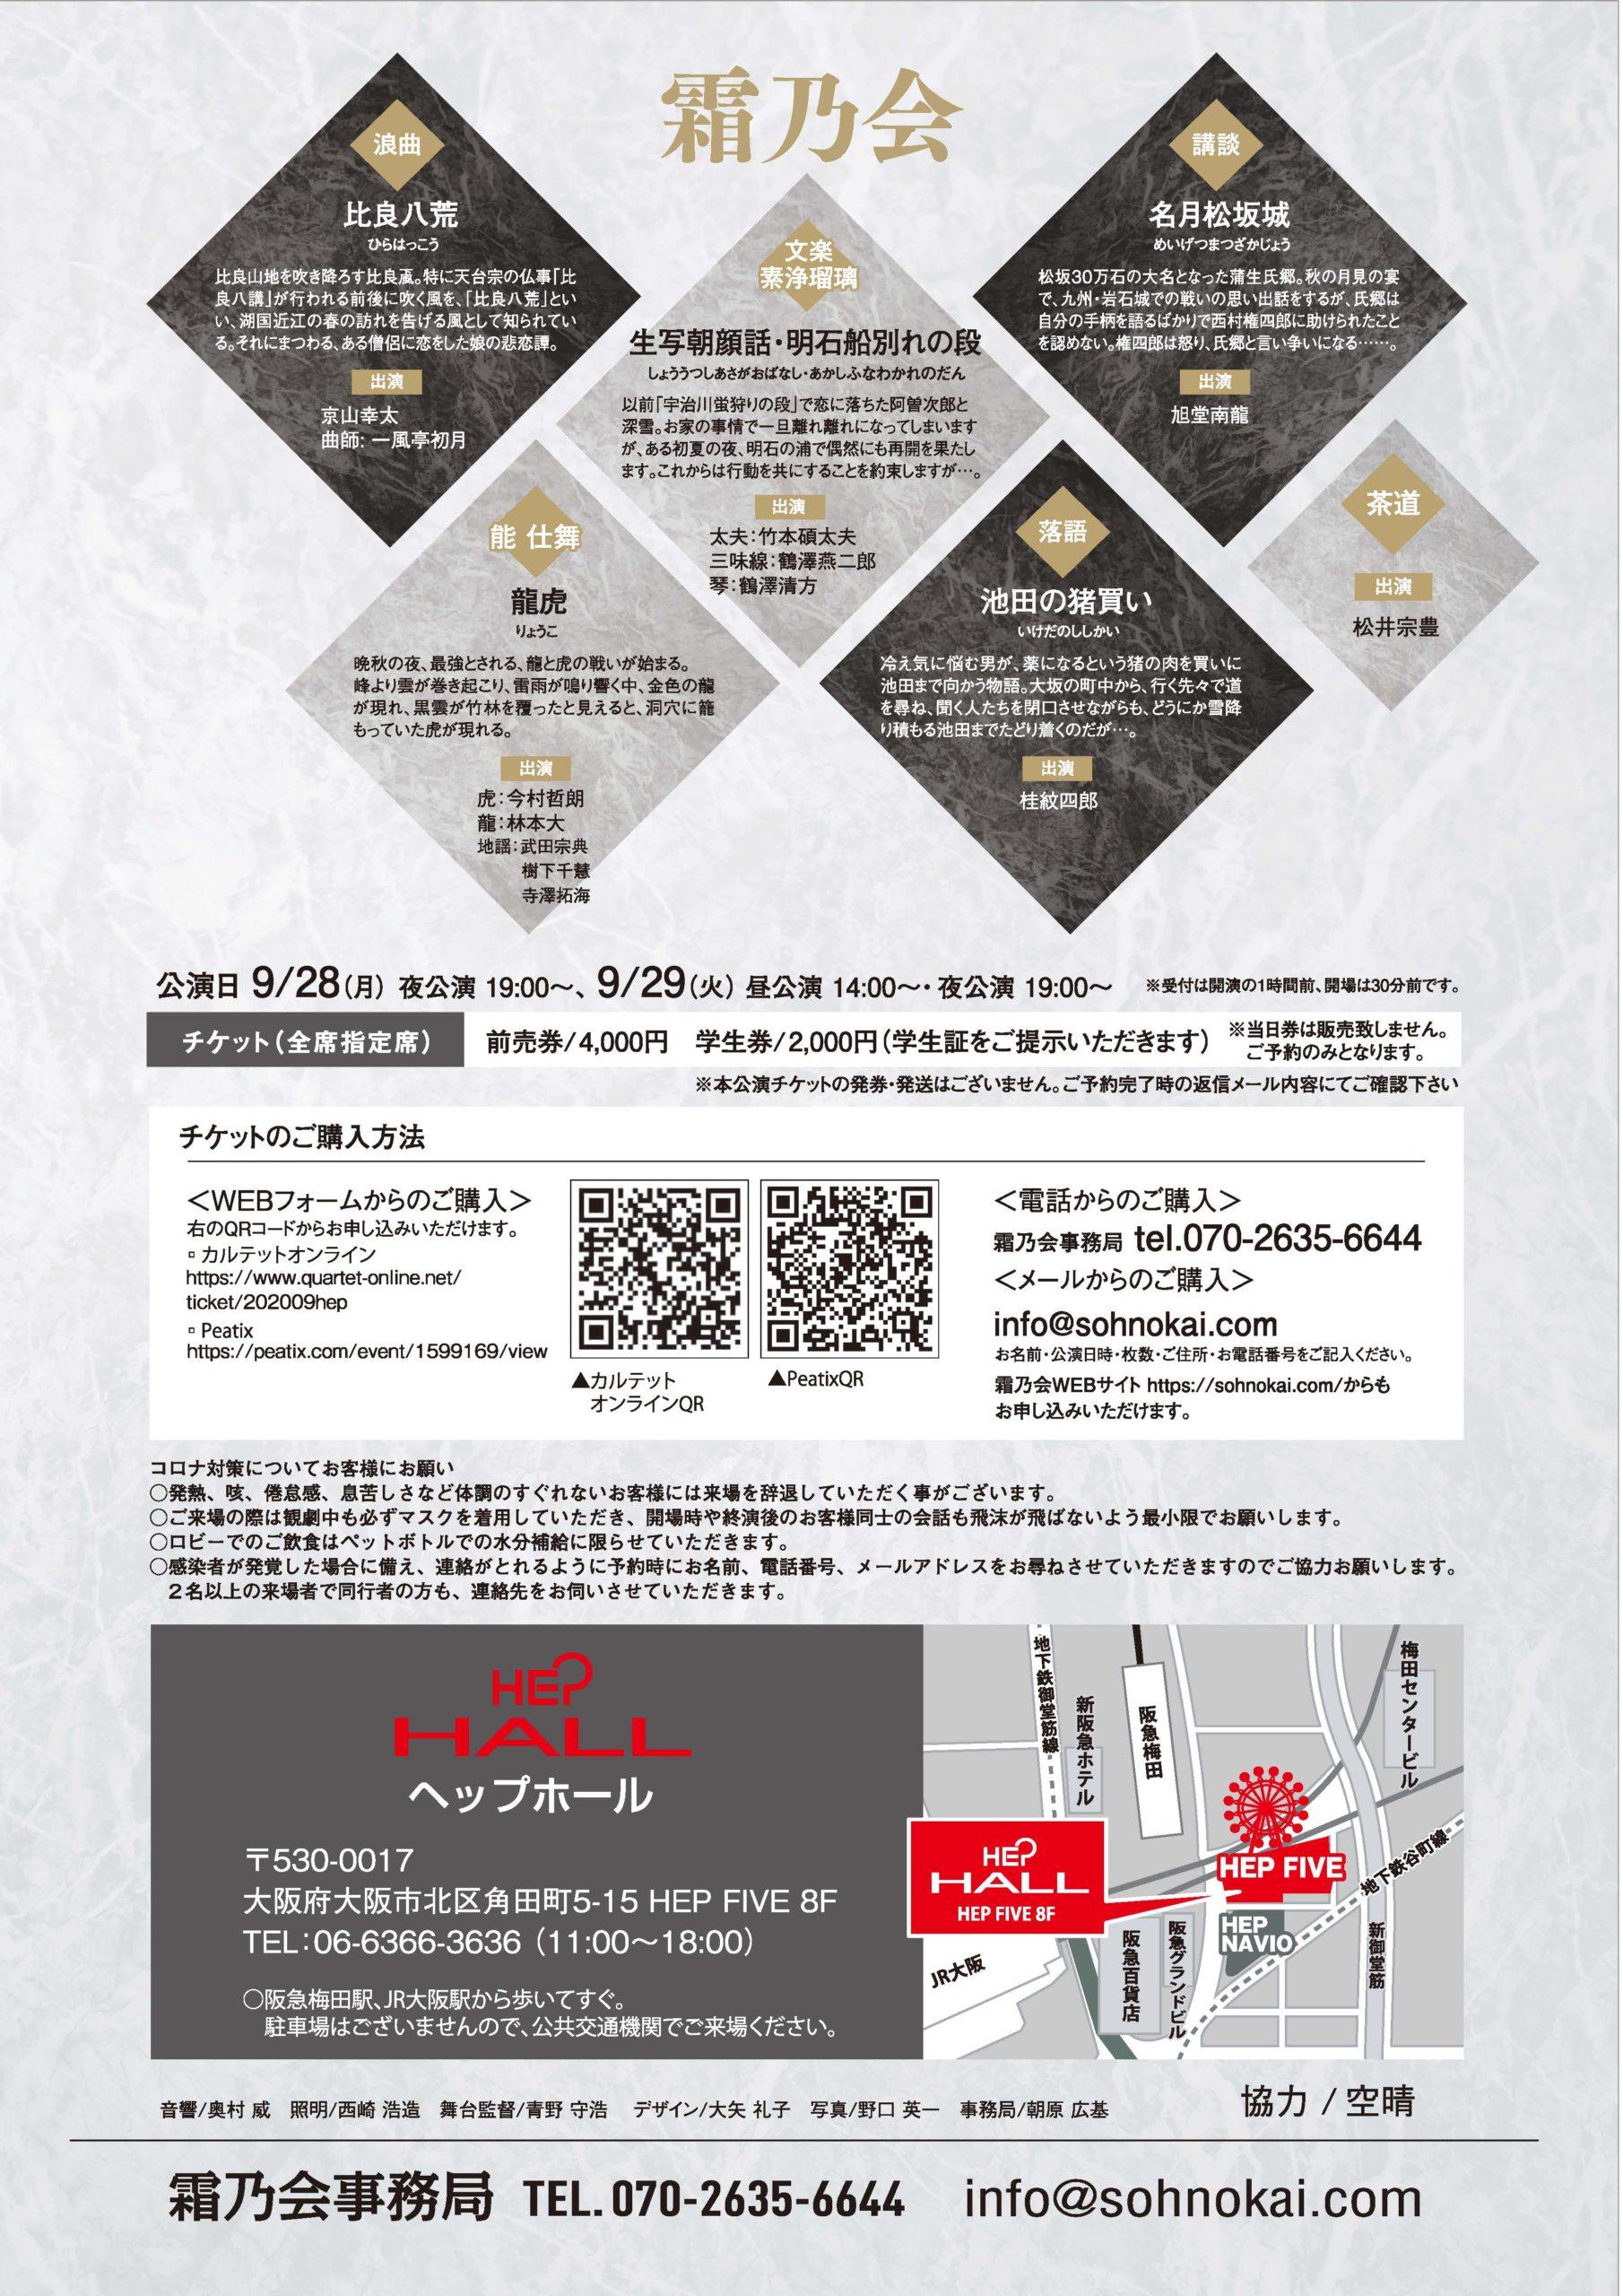 2020092829霜乃会公演チラシ